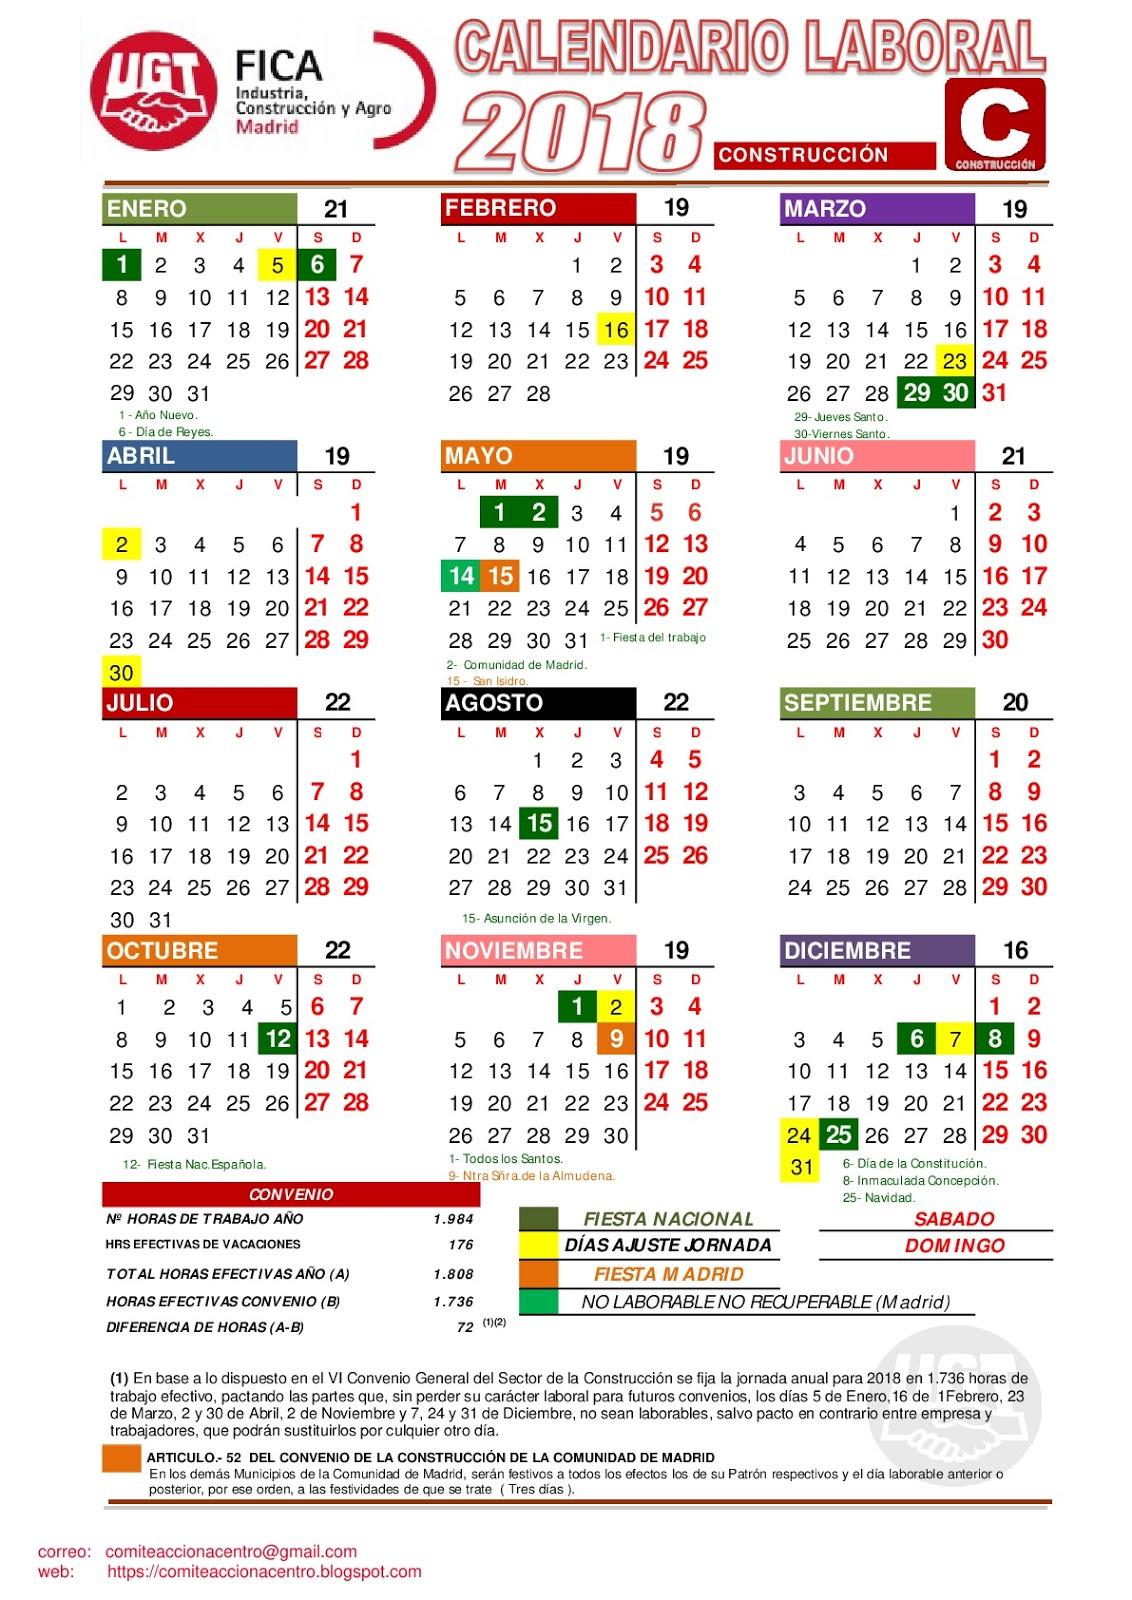 Calendario Laboral De La Construccion 2019.Comite Acciona Centro Calendario Laboral 2018 Construccion Madrid